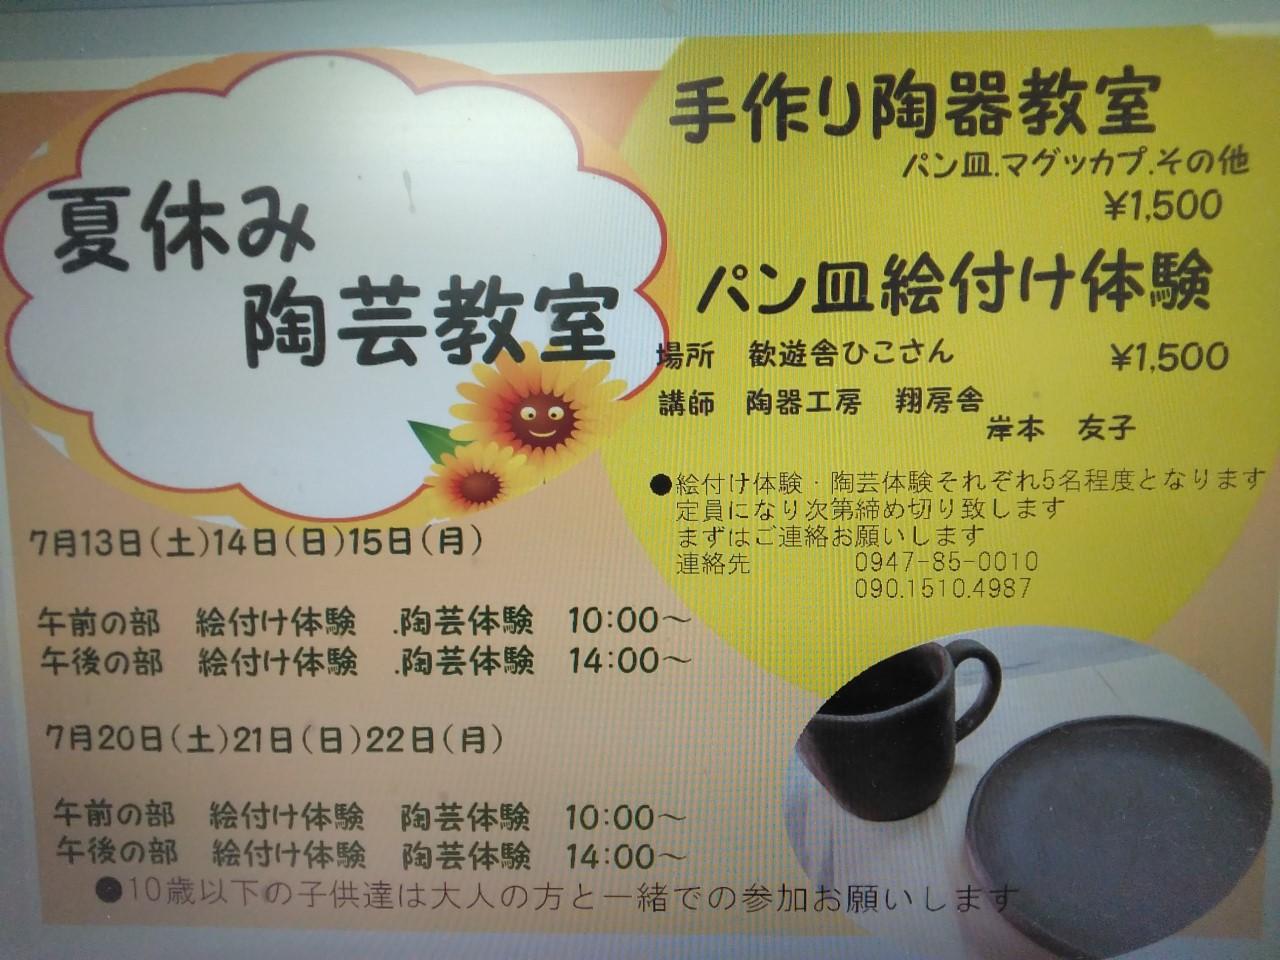 【夏休み 陶芸教室】のお知らせです